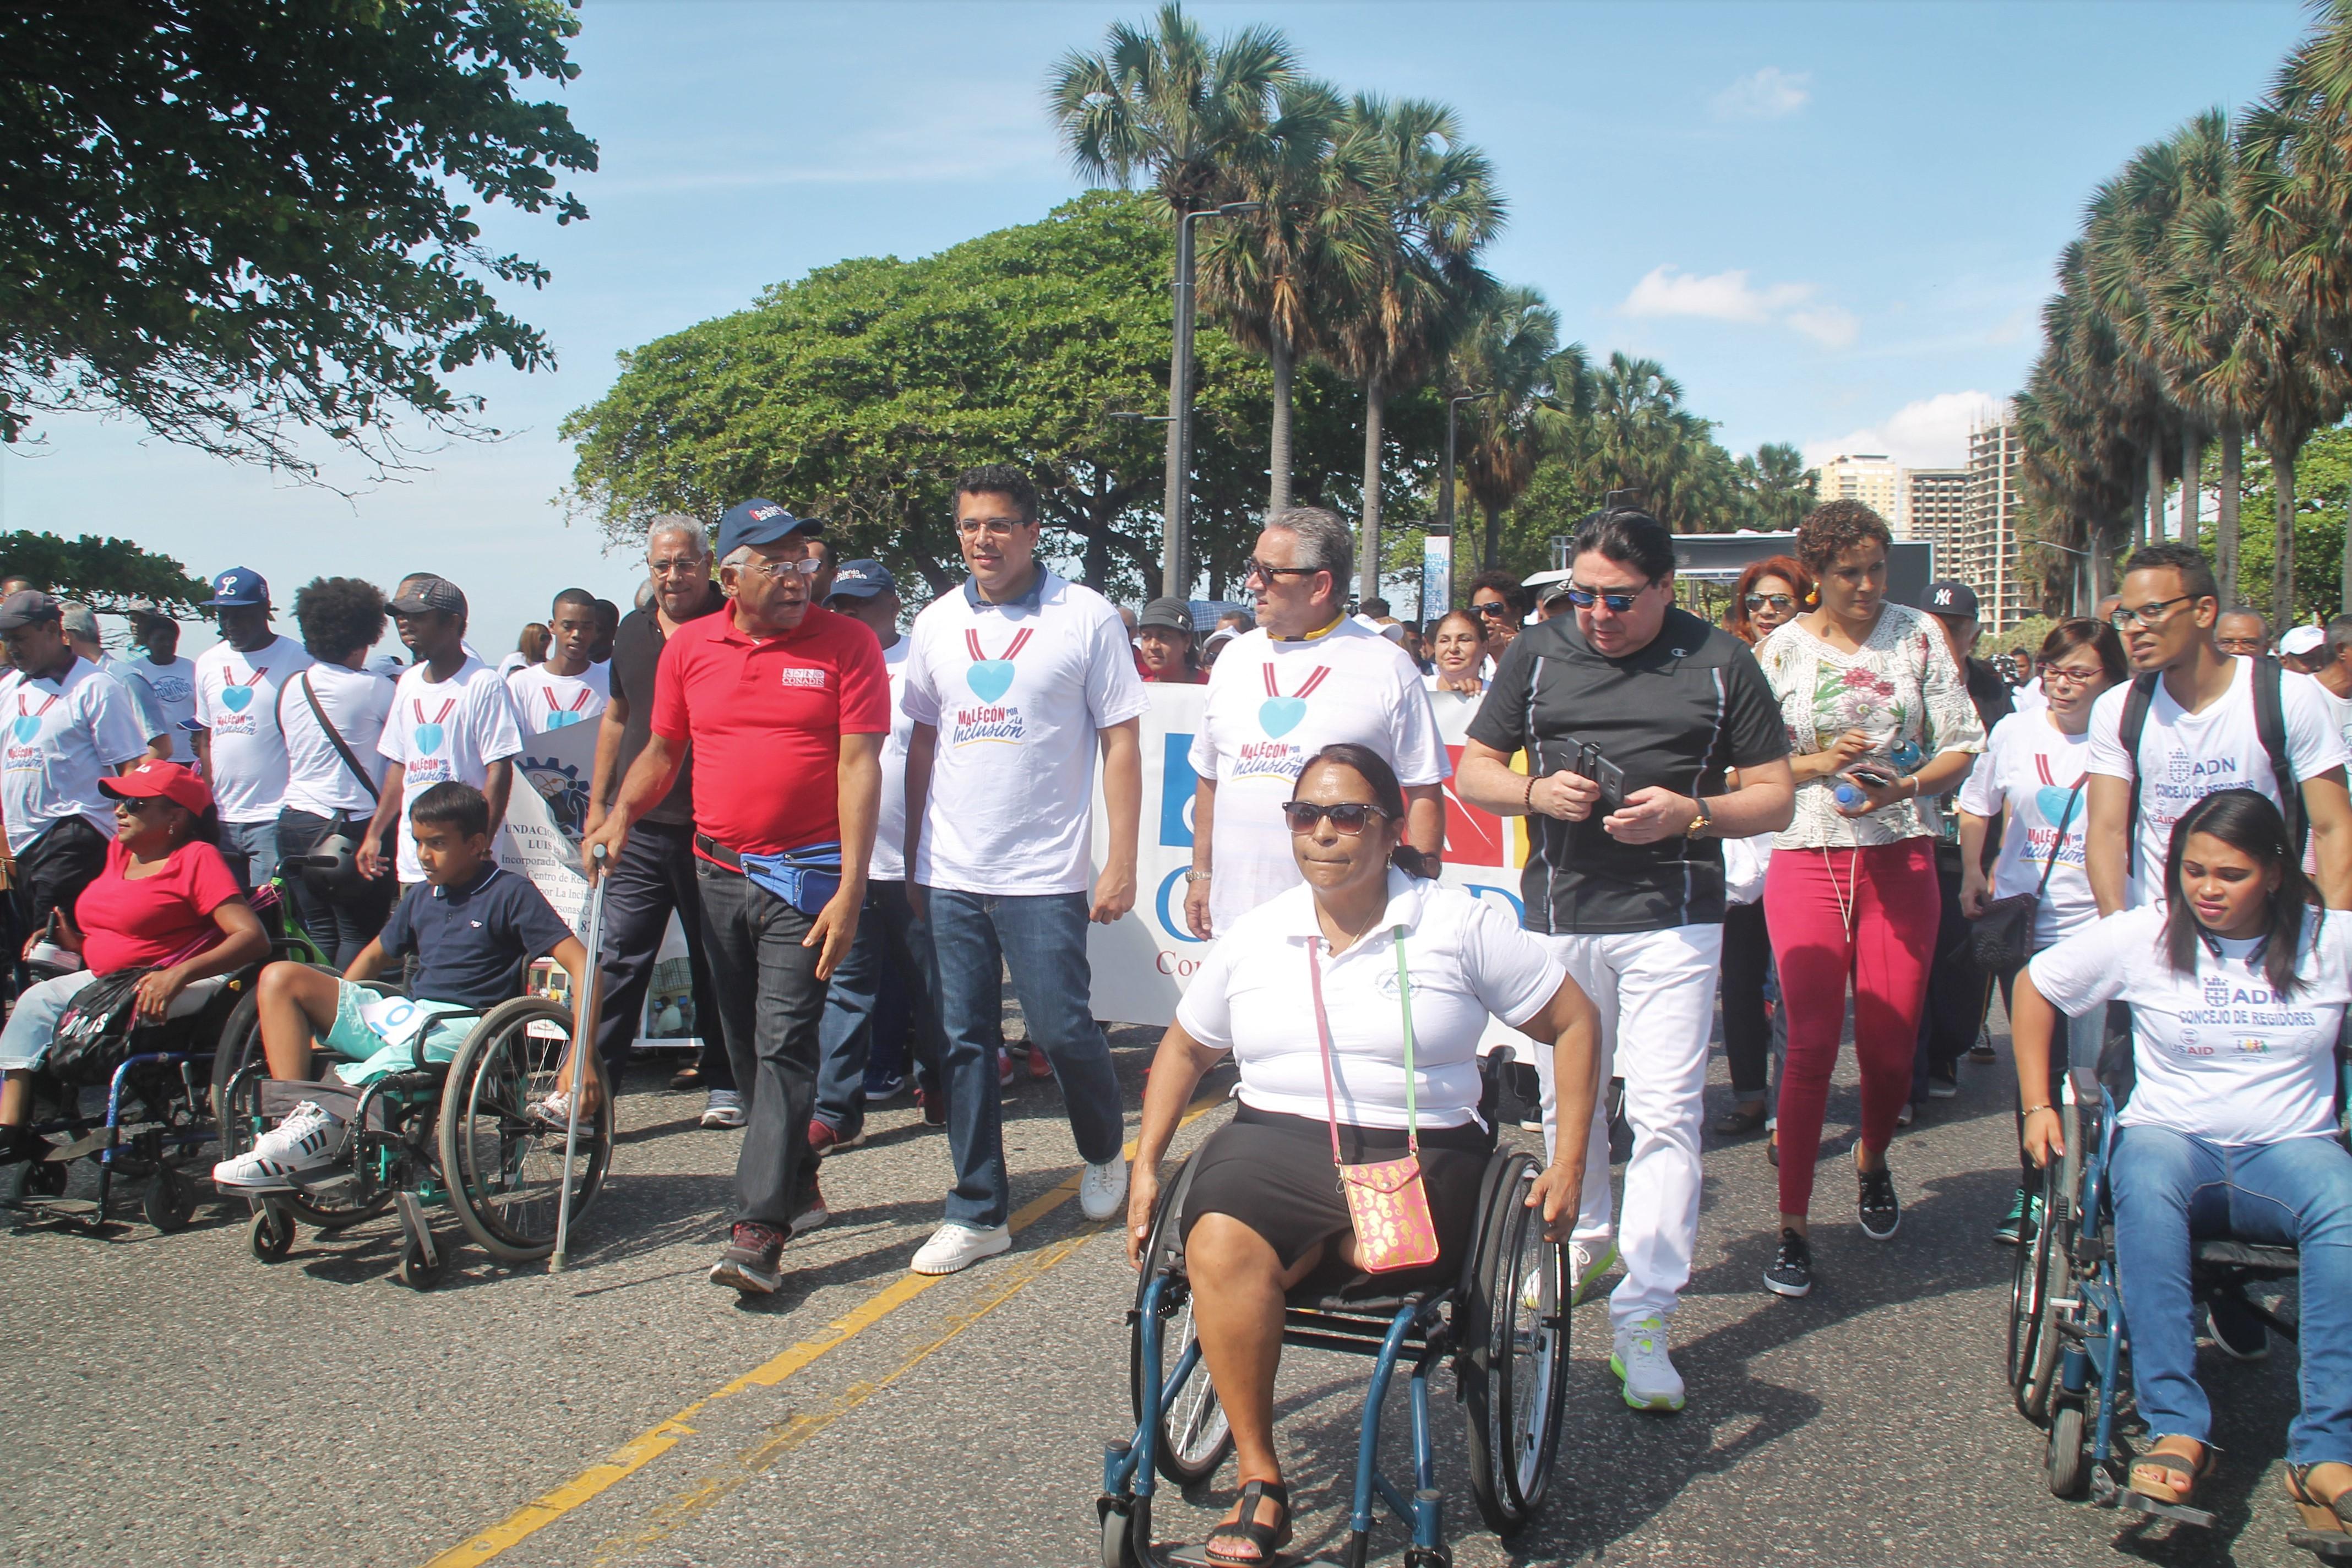 Alcaldía del Distrito Nacional y organizaciones se unen en el Malecón por la Inclusión.